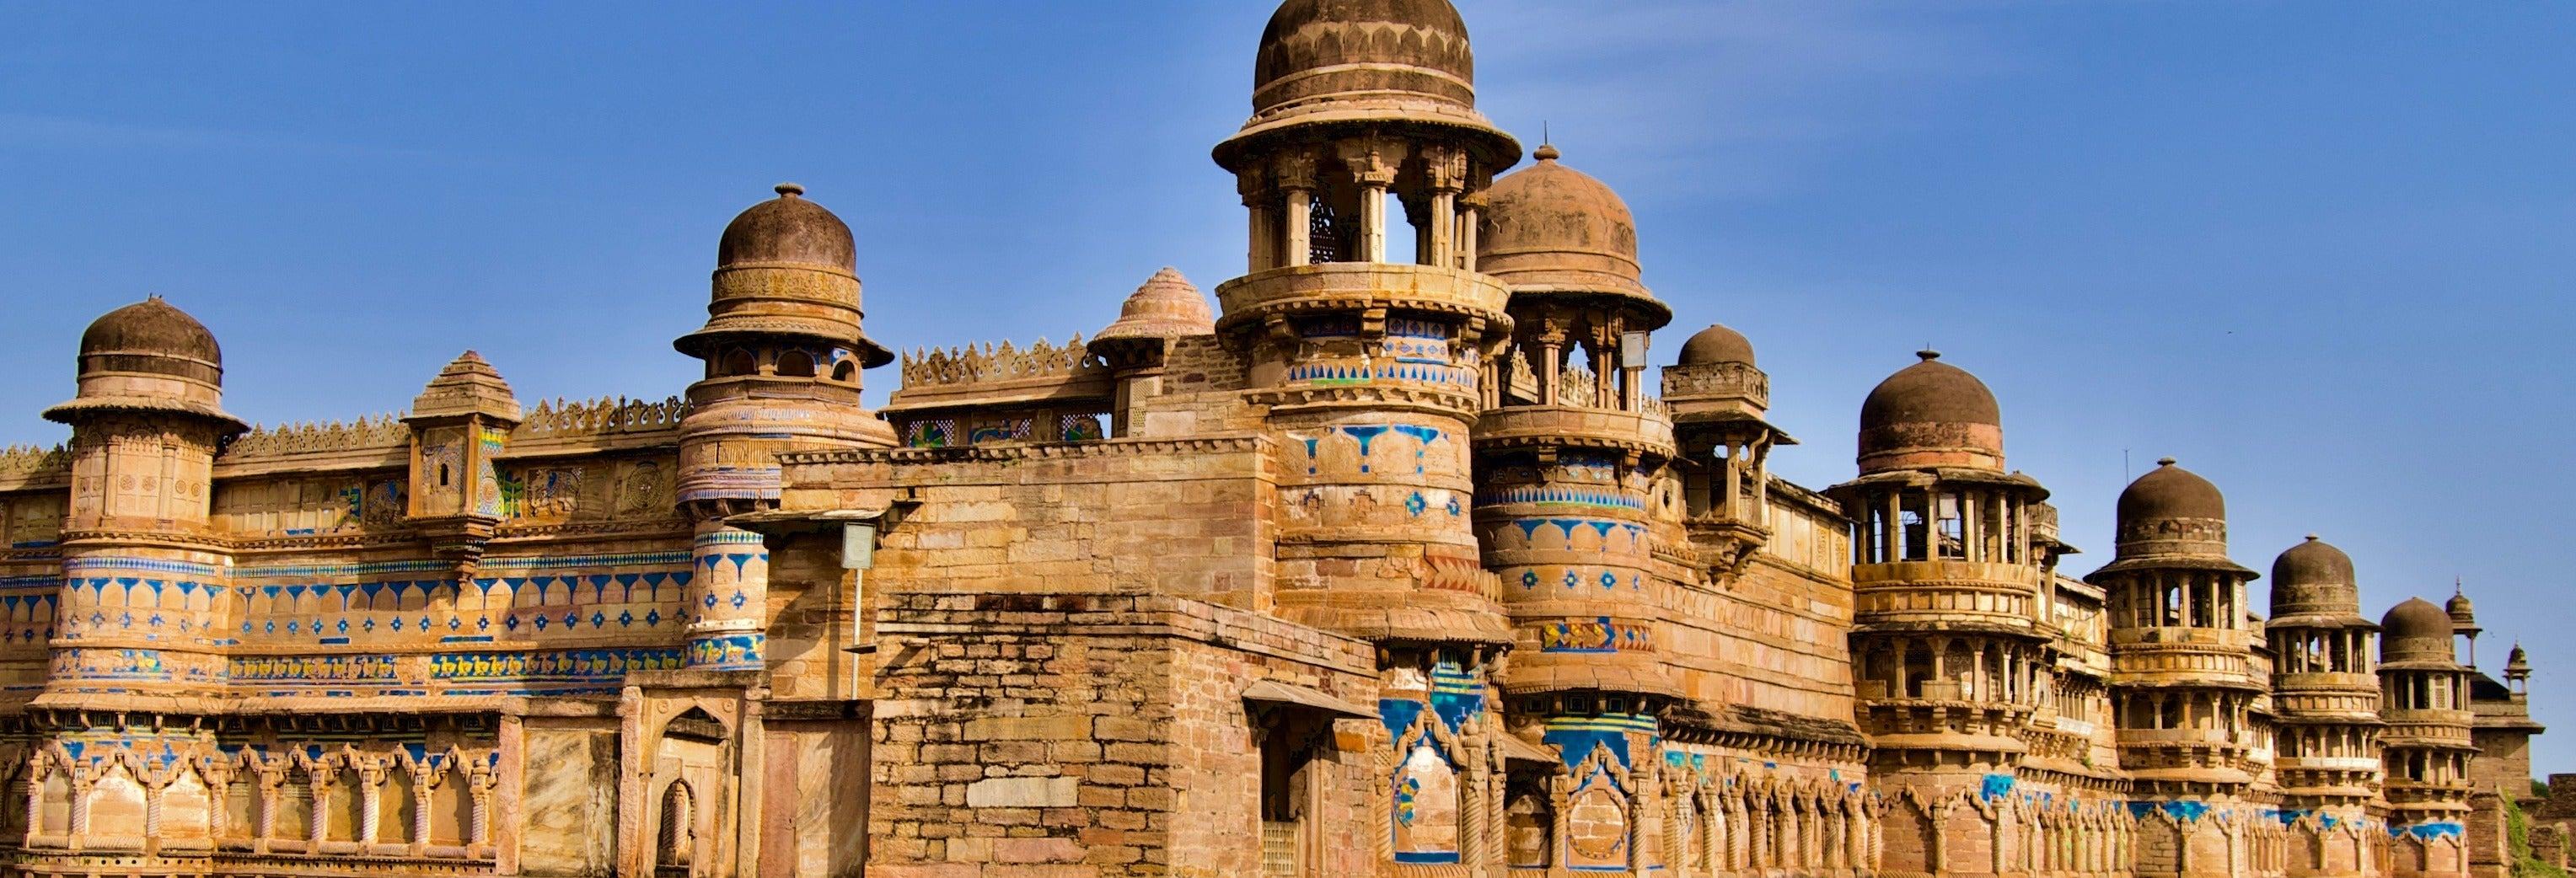 Excursión privada a Gwalior